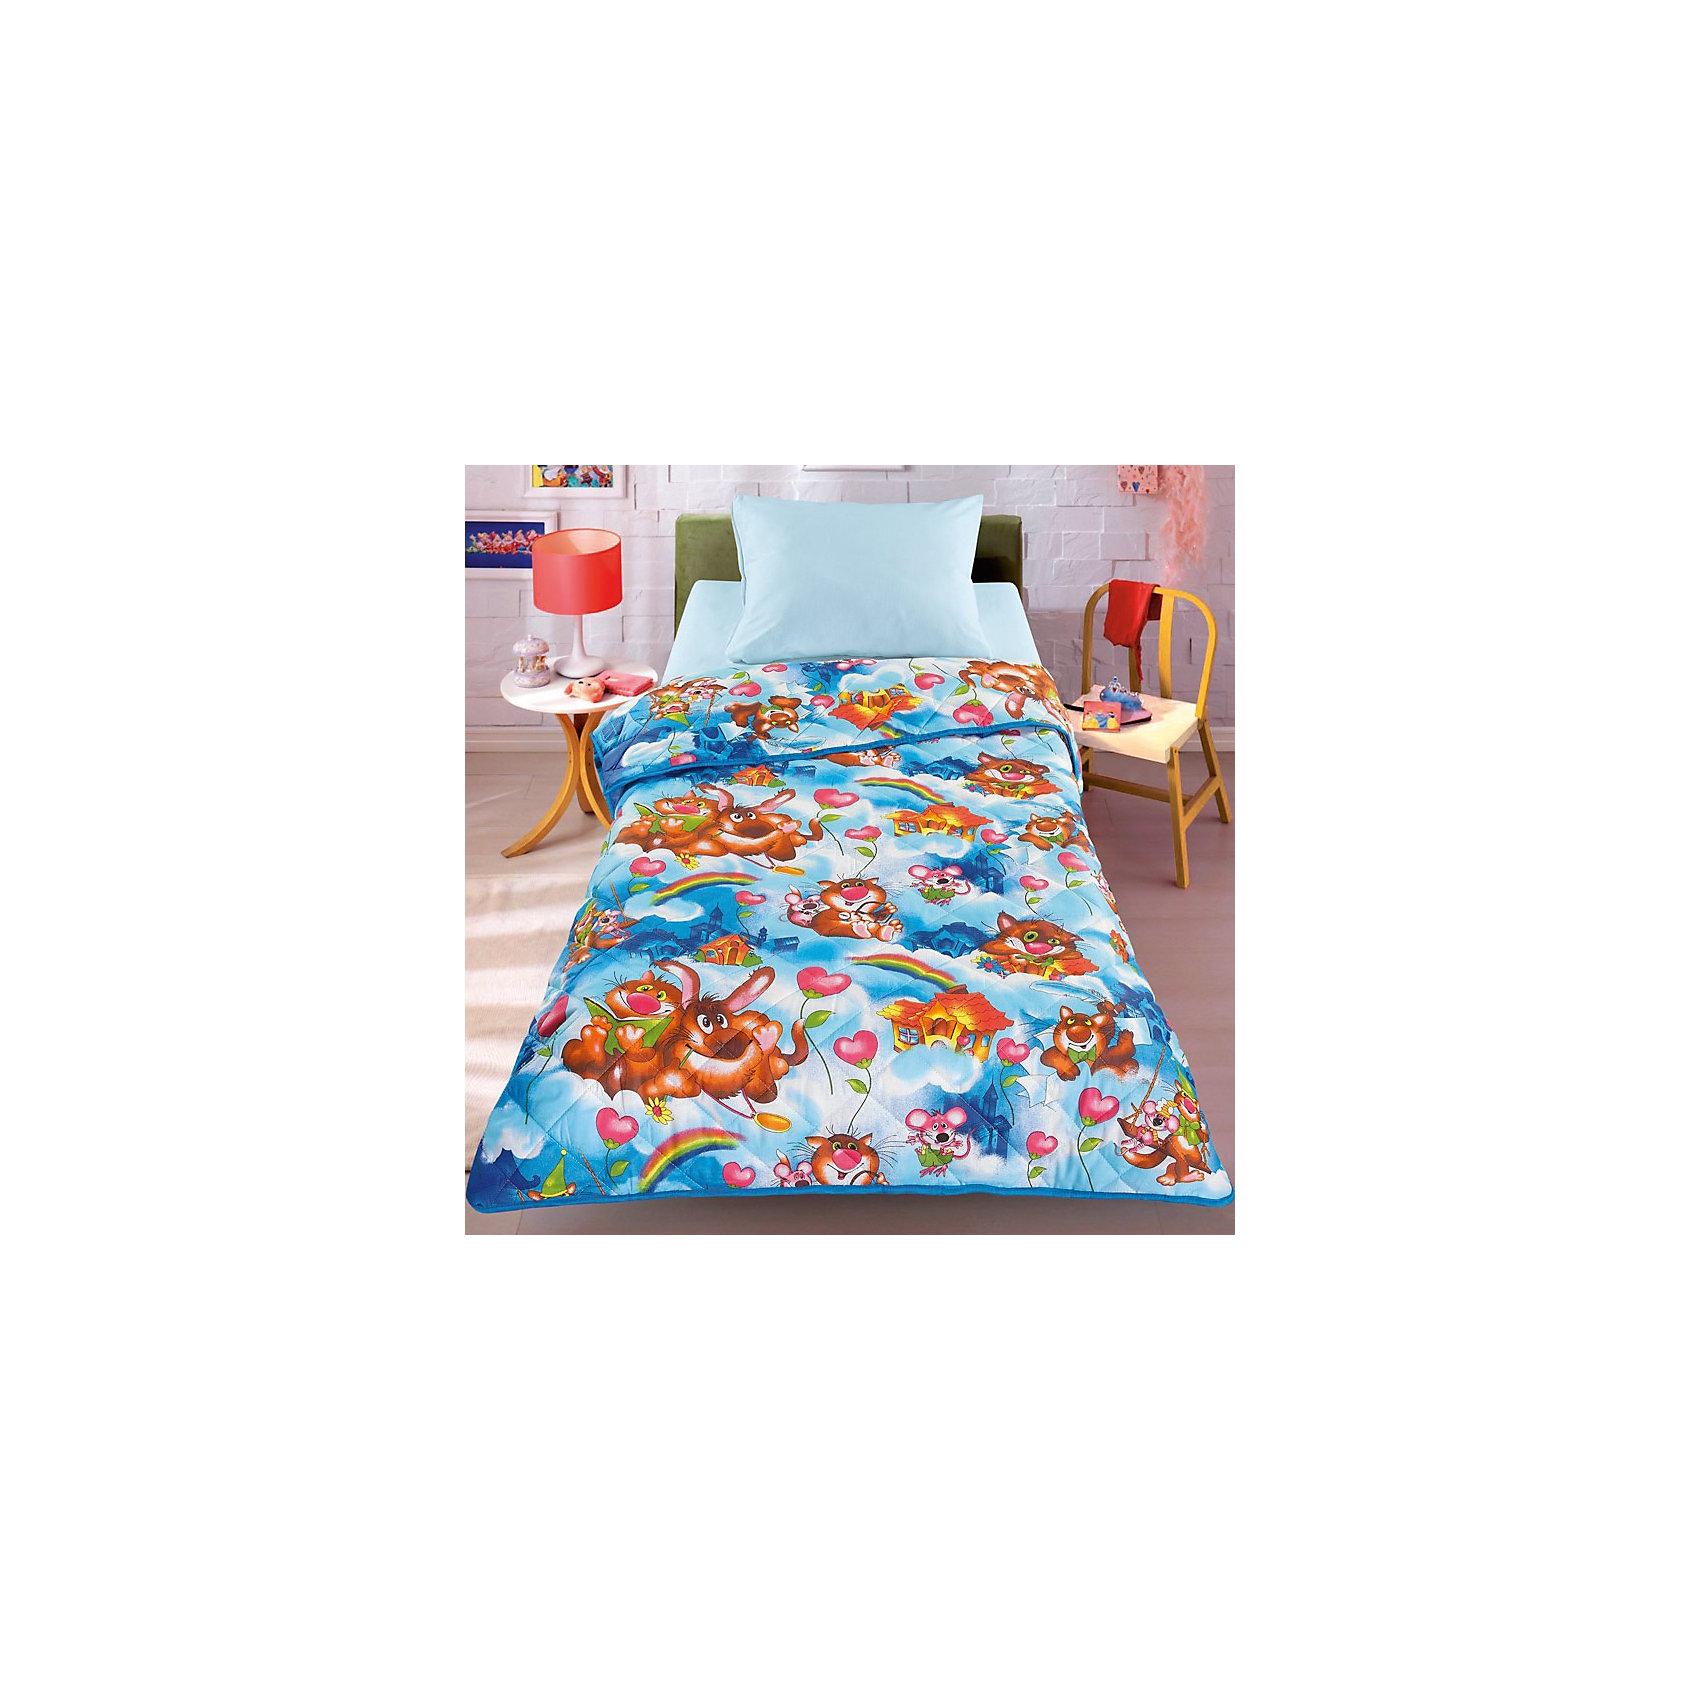 Одеяло-покрывало На радуге 110*140 смОдеяло-покрывало На радуге 110*140 см – эффектно дополнит интерьер комнаты и обеспечит комфортный сон вашему ребенку.<br>Стеганое облегченное одеяло-покрывало на силиконизированном волокне, с двусторонним дизайном украсит детскую комнату и будет радовать вашего малыша в течение всего года. Сидеть на таком покрывале будет приятно и комфортно - ведь оно выполнено из 100% хлопка. К тому же его можно использовать и как одеяло на детскую кровать. Вашему ребенку не будет жарко под таким одеялом, а это значит, он не будет раскрываться. Наполнитель силиконизированное волокно не слеживается и не сваливается с течением времени, обеспечивая текстильным изделиям долгий срок службы. Одеяло-покрывало подлежит машинной стирке при температуре 30 гр., строго на деликатном режиме.<br><br>Дополнительная информация:<br><br>- Размер: 110 х 140 см.<br>- Материал: 100% хлопок, силиконизированное волокно.<br><br>Одеяло-покрывало На радуге 110*140 см можно купить в нашем интернет-магазине.<br><br>Ширина мм: 400<br>Глубина мм: 100<br>Высота мм: 500<br>Вес г: 2000<br>Возраст от месяцев: 0<br>Возраст до месяцев: 72<br>Пол: Унисекс<br>Возраст: Детский<br>SKU: 4212659